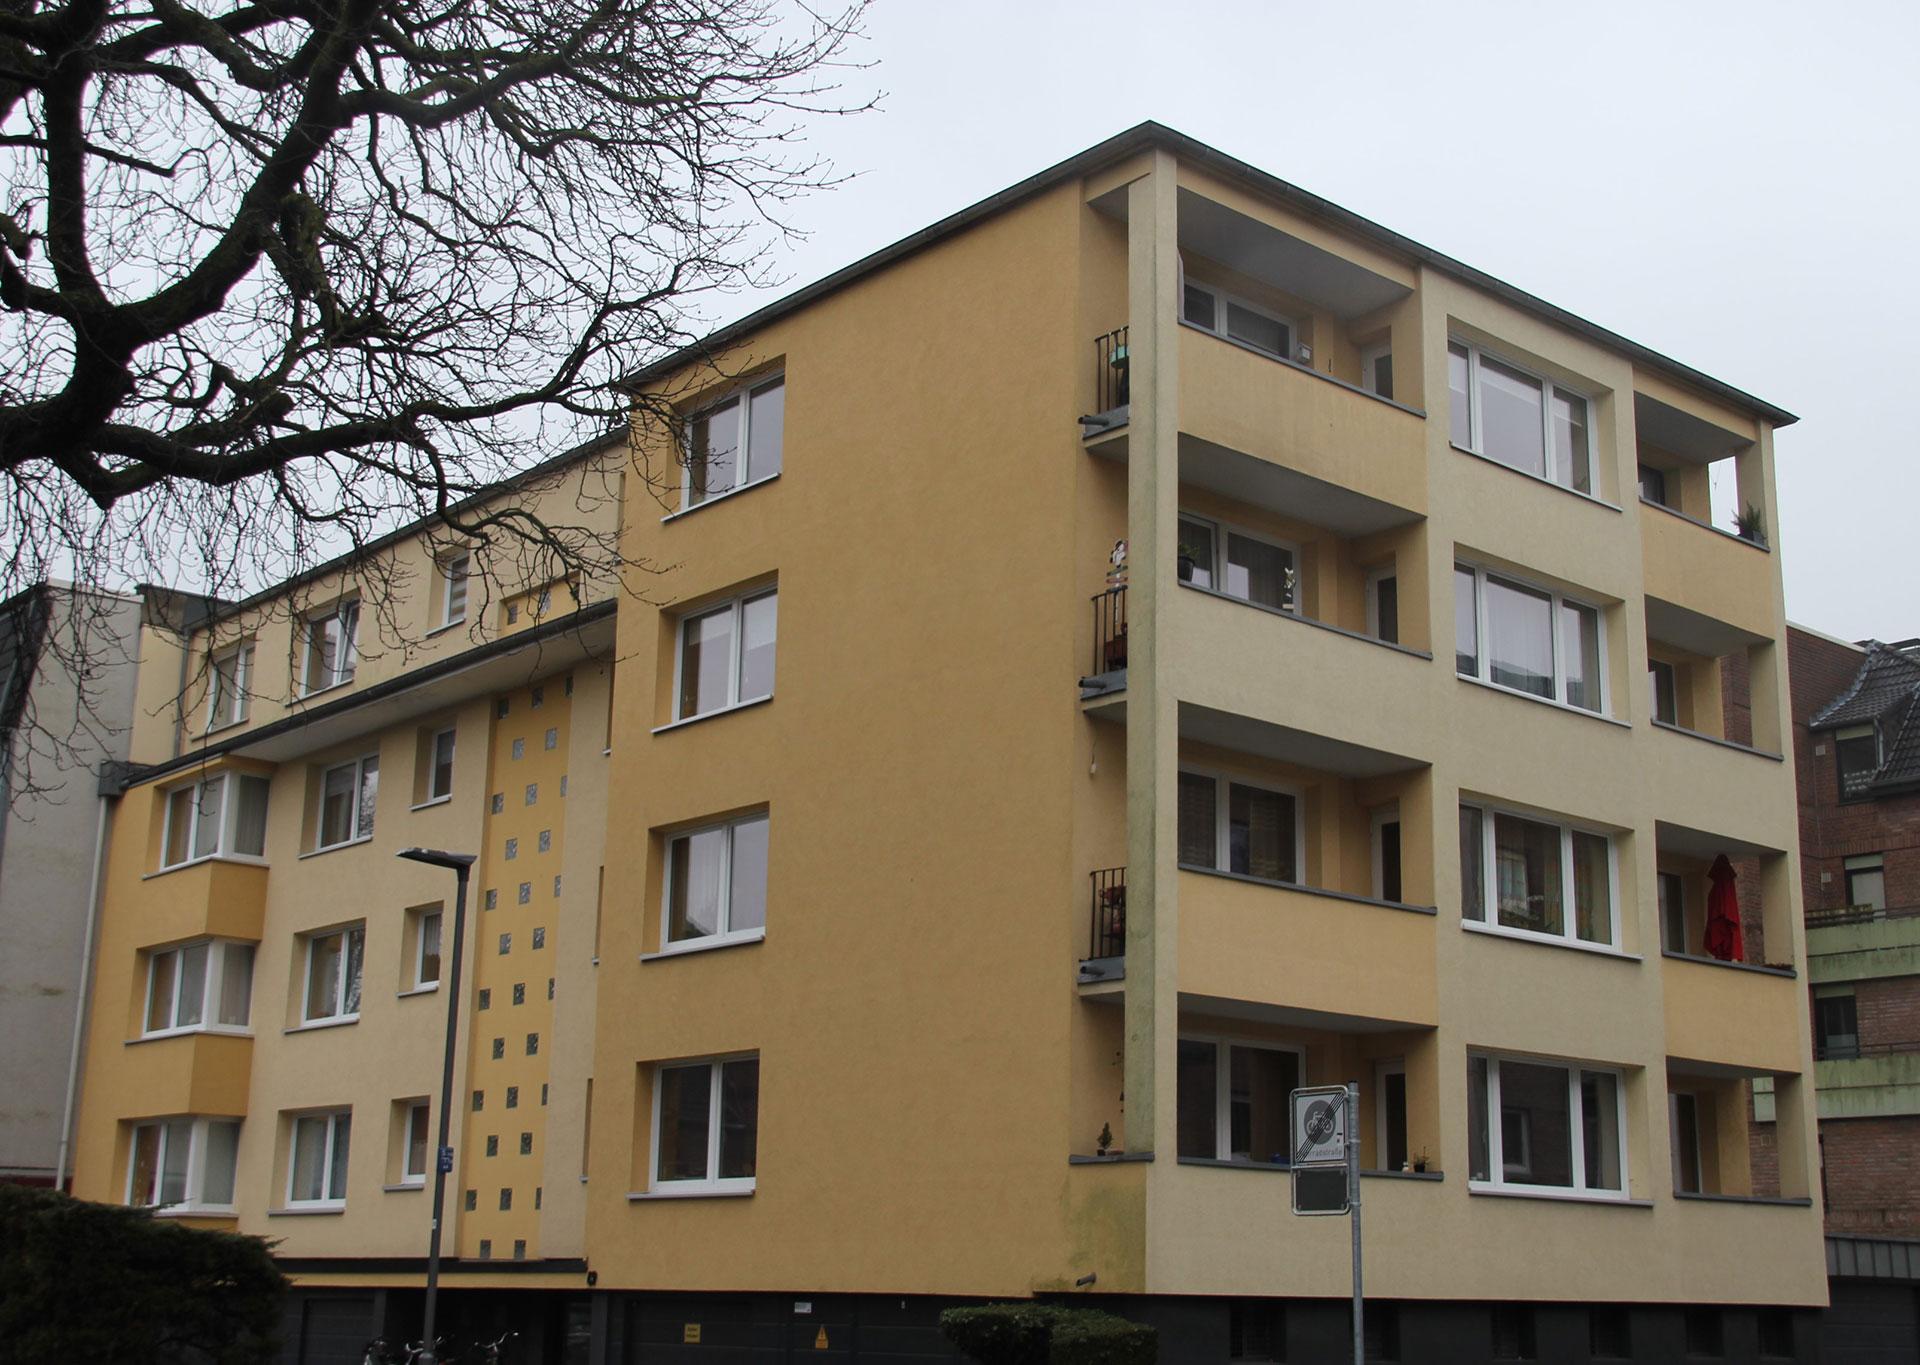 Hausverwaltung Krefeld: Germaniastraße WEG-Verwalter